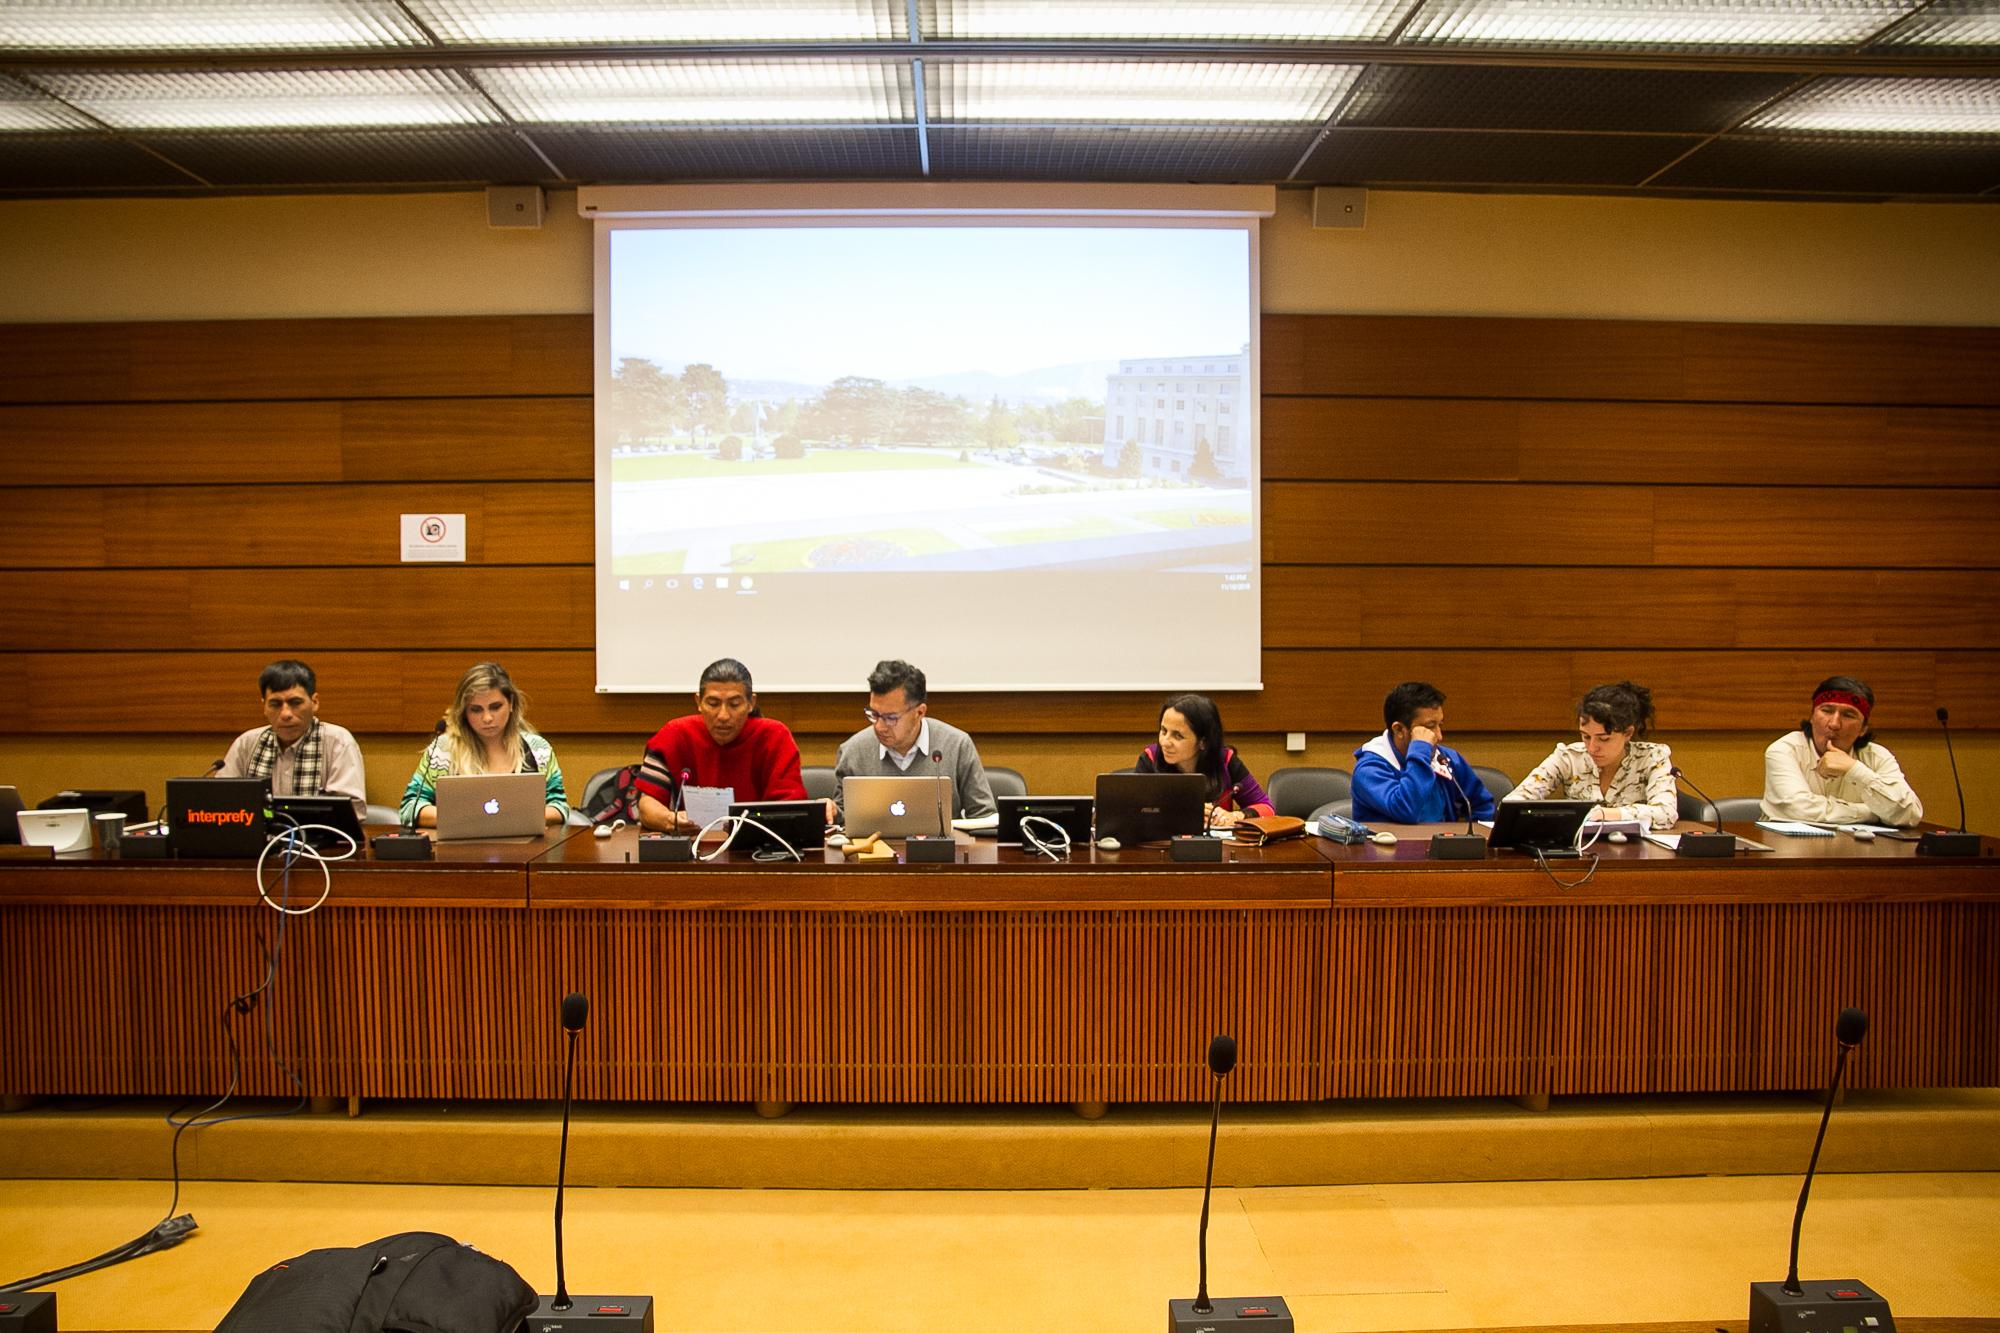 En Octubre de este año, organizaciones de la sociedad civil se presentaron ante la ONU para denunciar comportamiento de empresa chinas en América Latina. Foto: HIperactiva Comunicaciones.